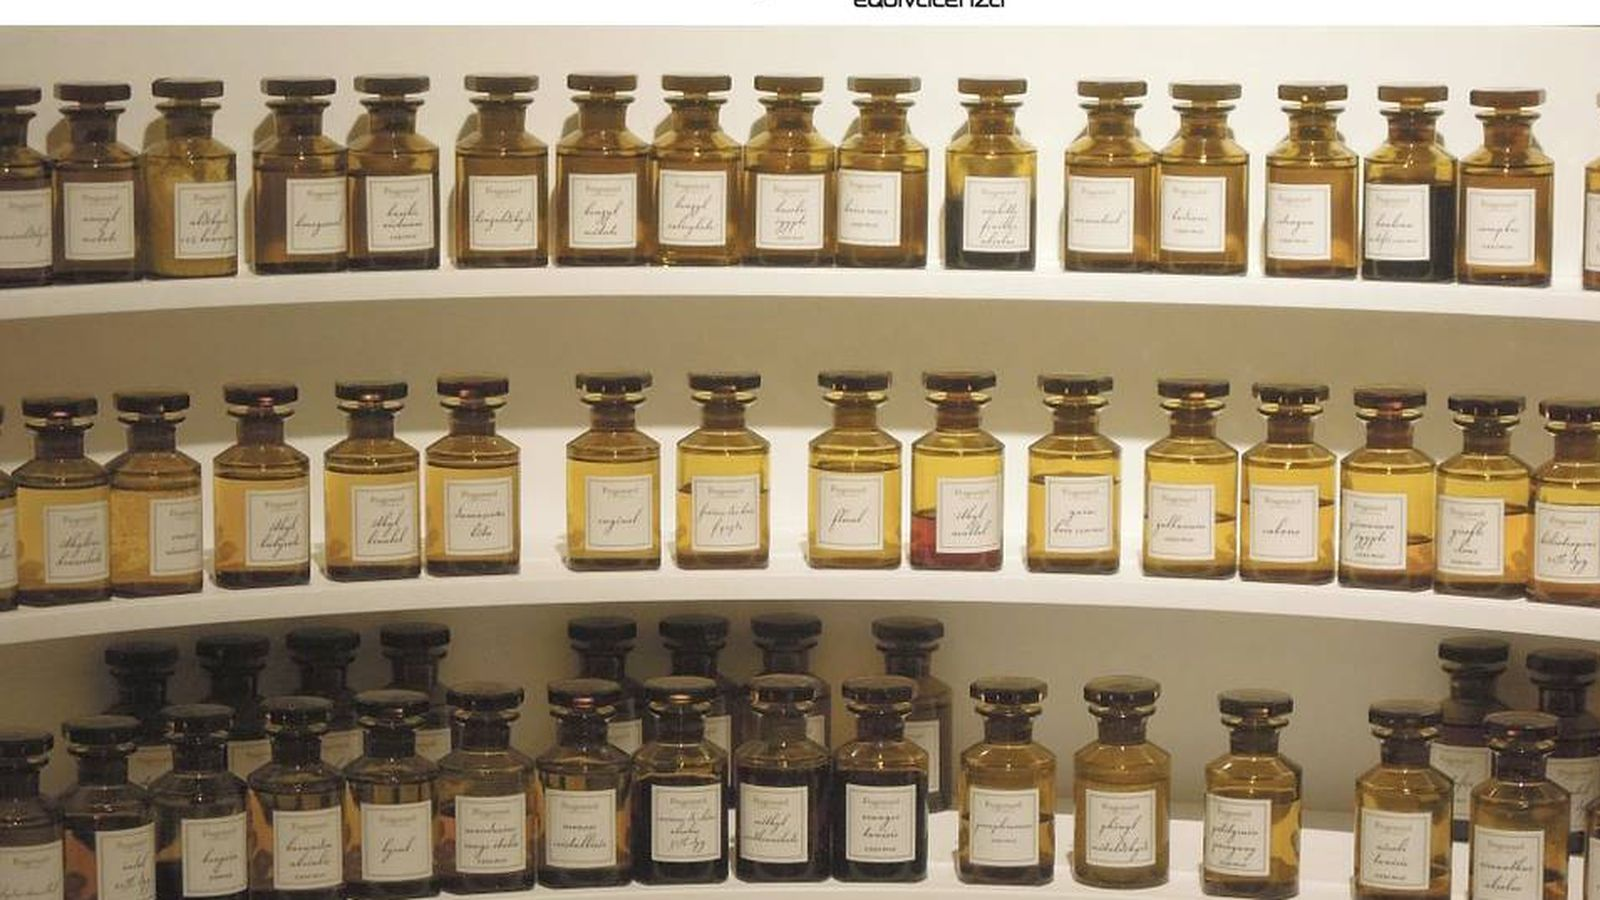 Cu nto cuesta realmente un perfume noticias de empresas for Cuanto cuesta un segway